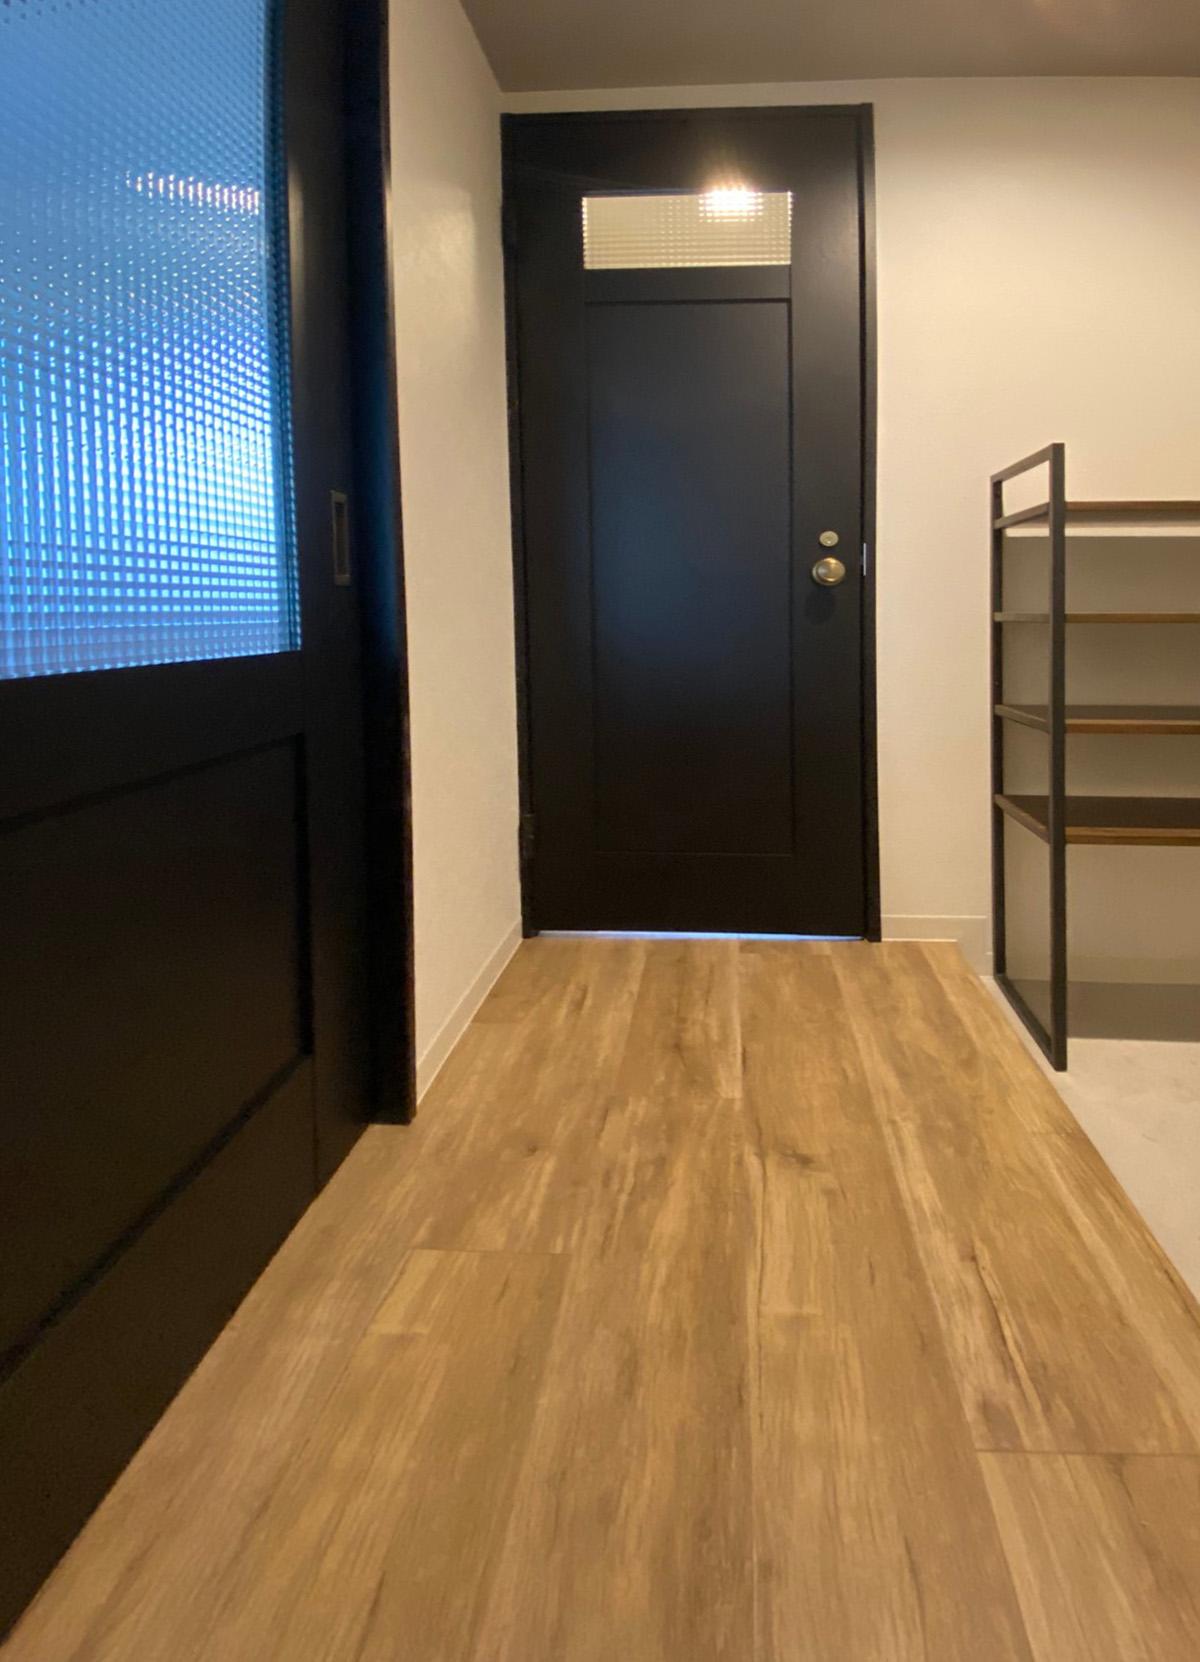 Panasonicのベリティス クラフトレーベル ブラックオーク柄のドアを2箇所コーディネートした玄関ホール